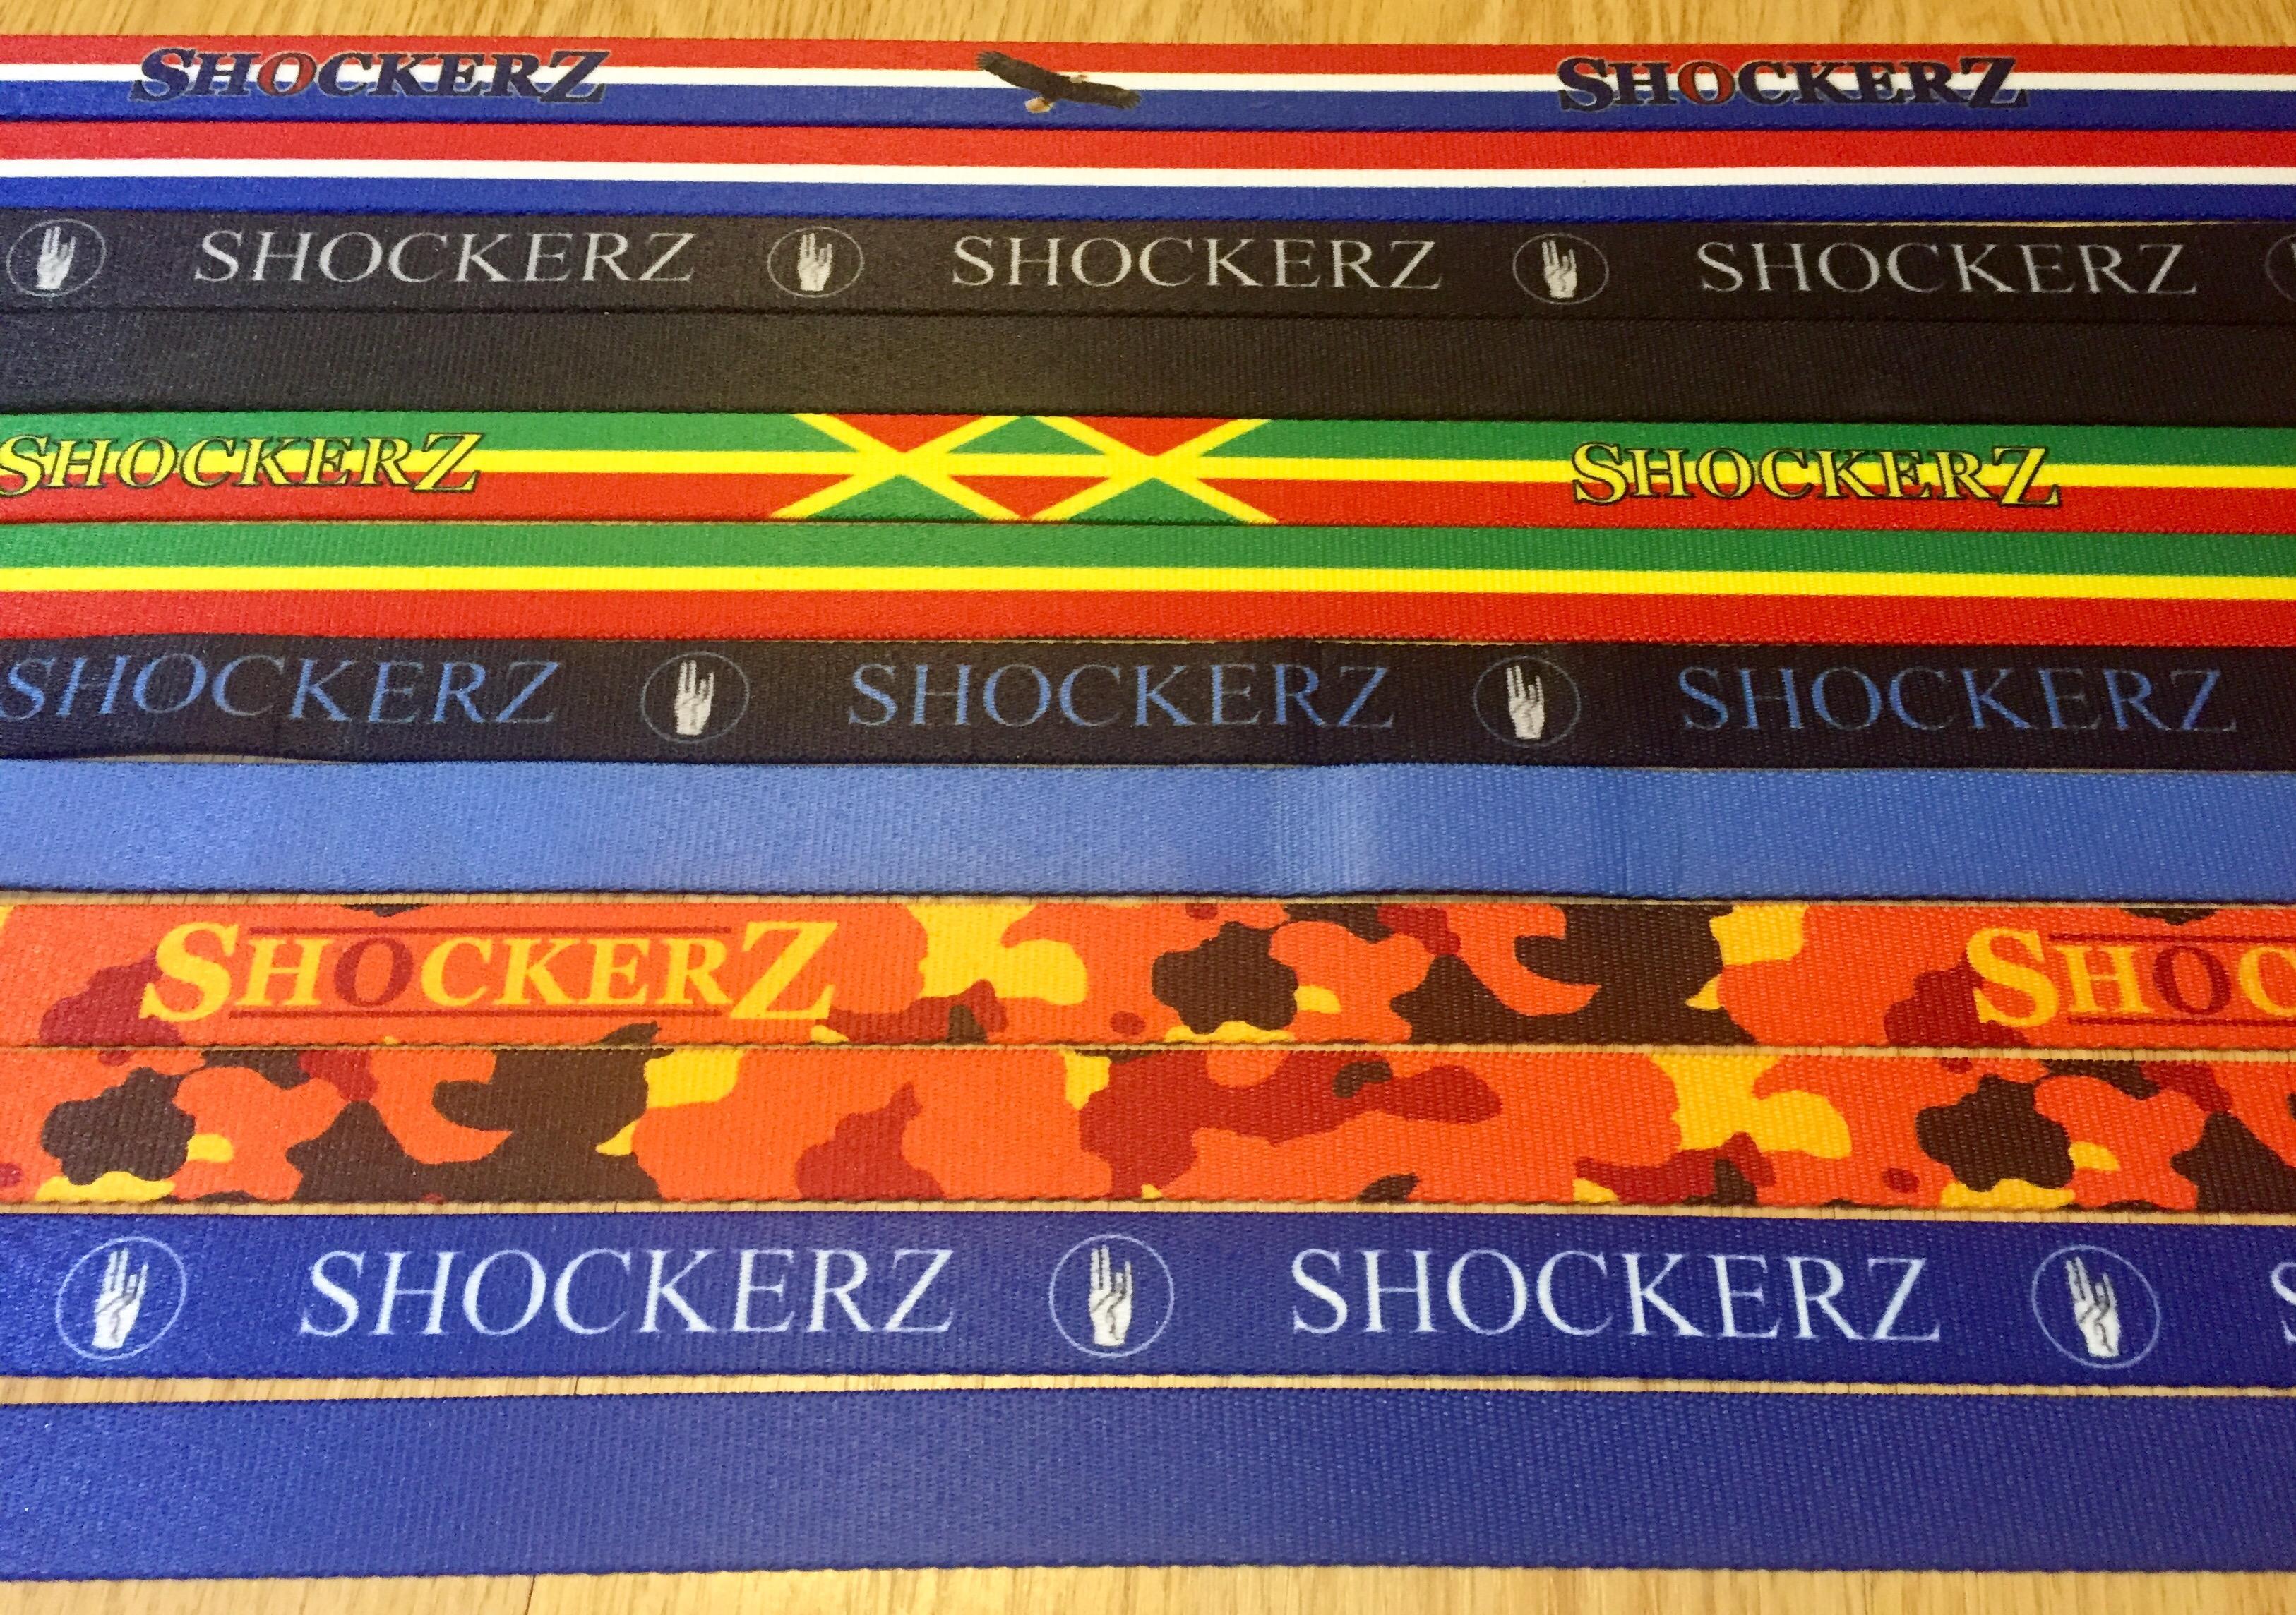 Shockerz branded straps